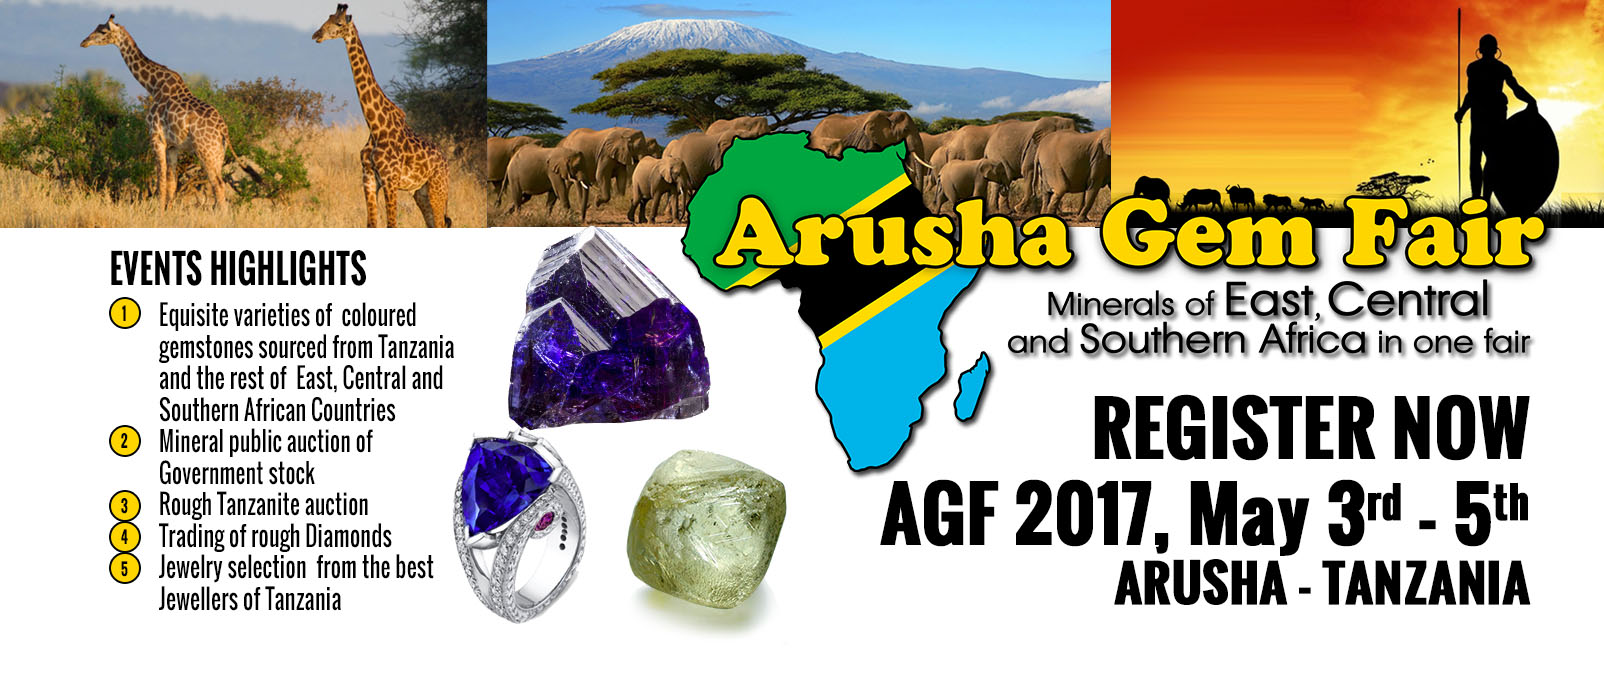 Arusha Gem Fair